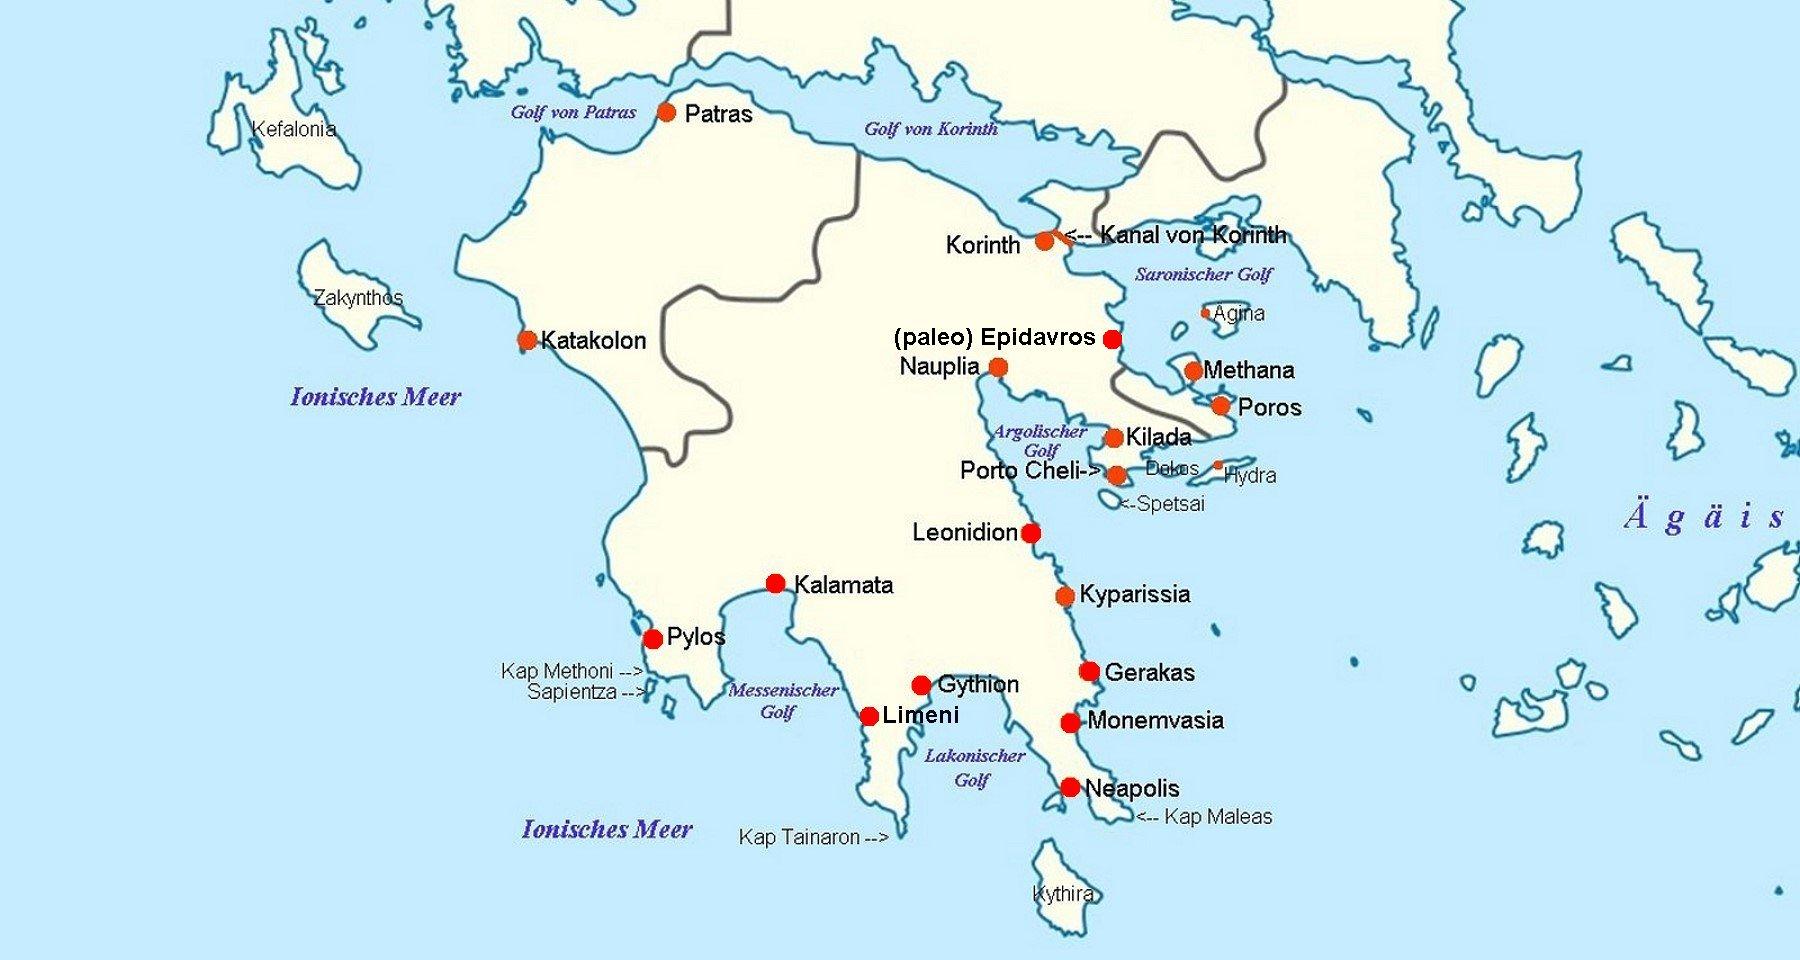 Karte Griechenland Peloponnes.Online Hafenhandbuch Griechenland Die Halbinsel Peloponnes